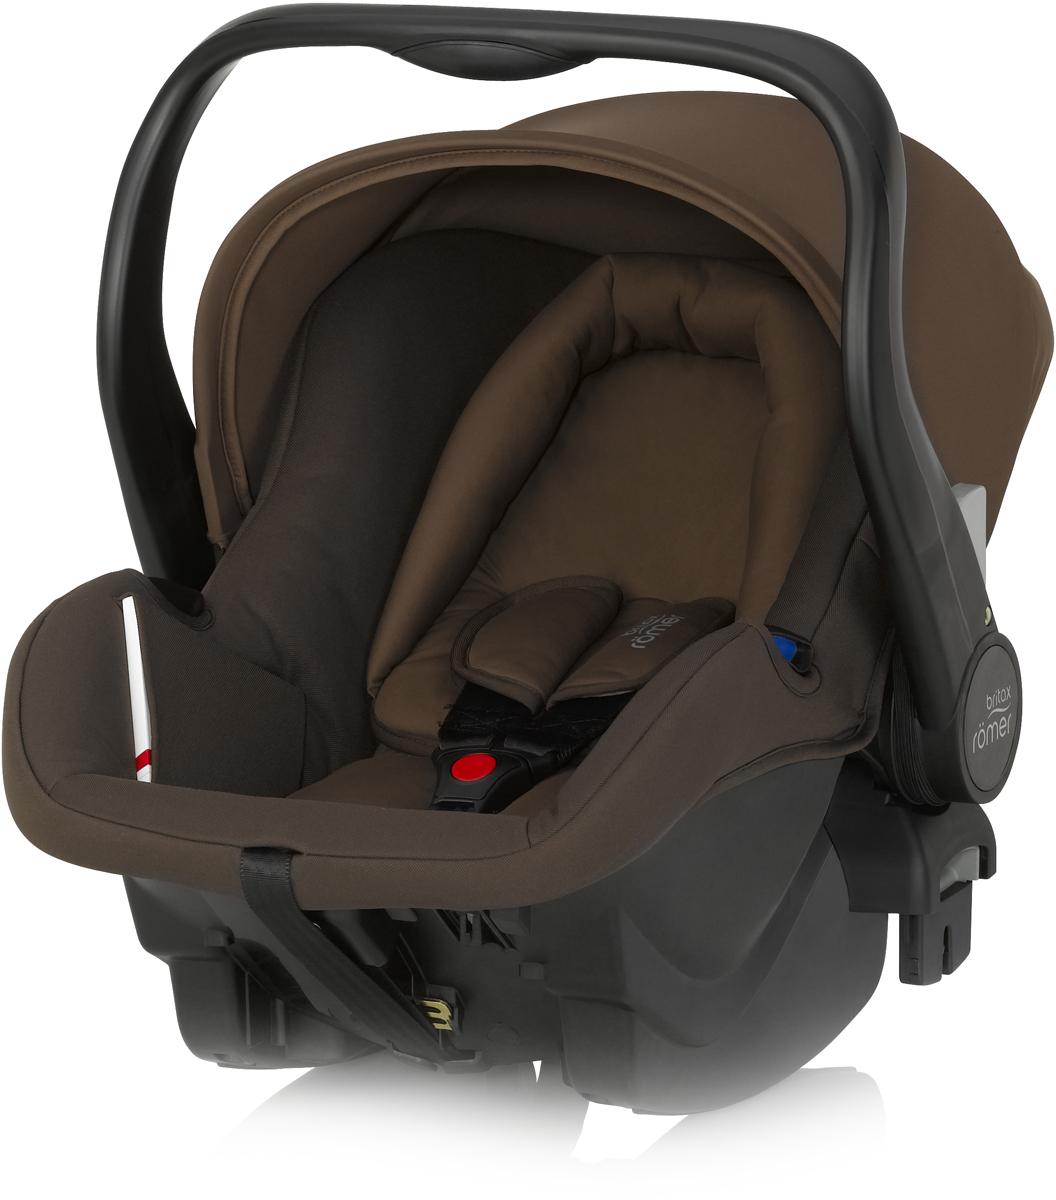 Romer Автокресло Primo Wood Brown до 13 кг2000023037Автокресло Romer Primo группы 0+ предназначено для детей весом до 13 кг (от рождения до 12 месяцев). Автокресло было разработано для родителей, которые ценят комфорт ребенка, простоту в обращении и удобство установки в любом автомобиле. Удобная ручка для переноса, регулируемый капюшон, встроенные адаптеры для коляски, оснащенной системой CLICK & GO, вставка для новорожденных из двух частей, легкость и простота установки в автомобиле - идеальное сочетание для создания Travel System - собственной системы путешествий. Автокресло Romer Primo создано, чтобы приносить только положительные эмоции. Особенности: Внутренний 3-точечный ремень безопасности регулируется всего одним движением руки. Специальный вкладыш для новорожденных, состоящий из 2 частей (подголовника с мягкими бортиками и подушки под спину), обеспечивает комфорт и безопасность во время сна. При необходимости вынимается, увеличивая свободное пространство внутри автокресла. Совместимость...